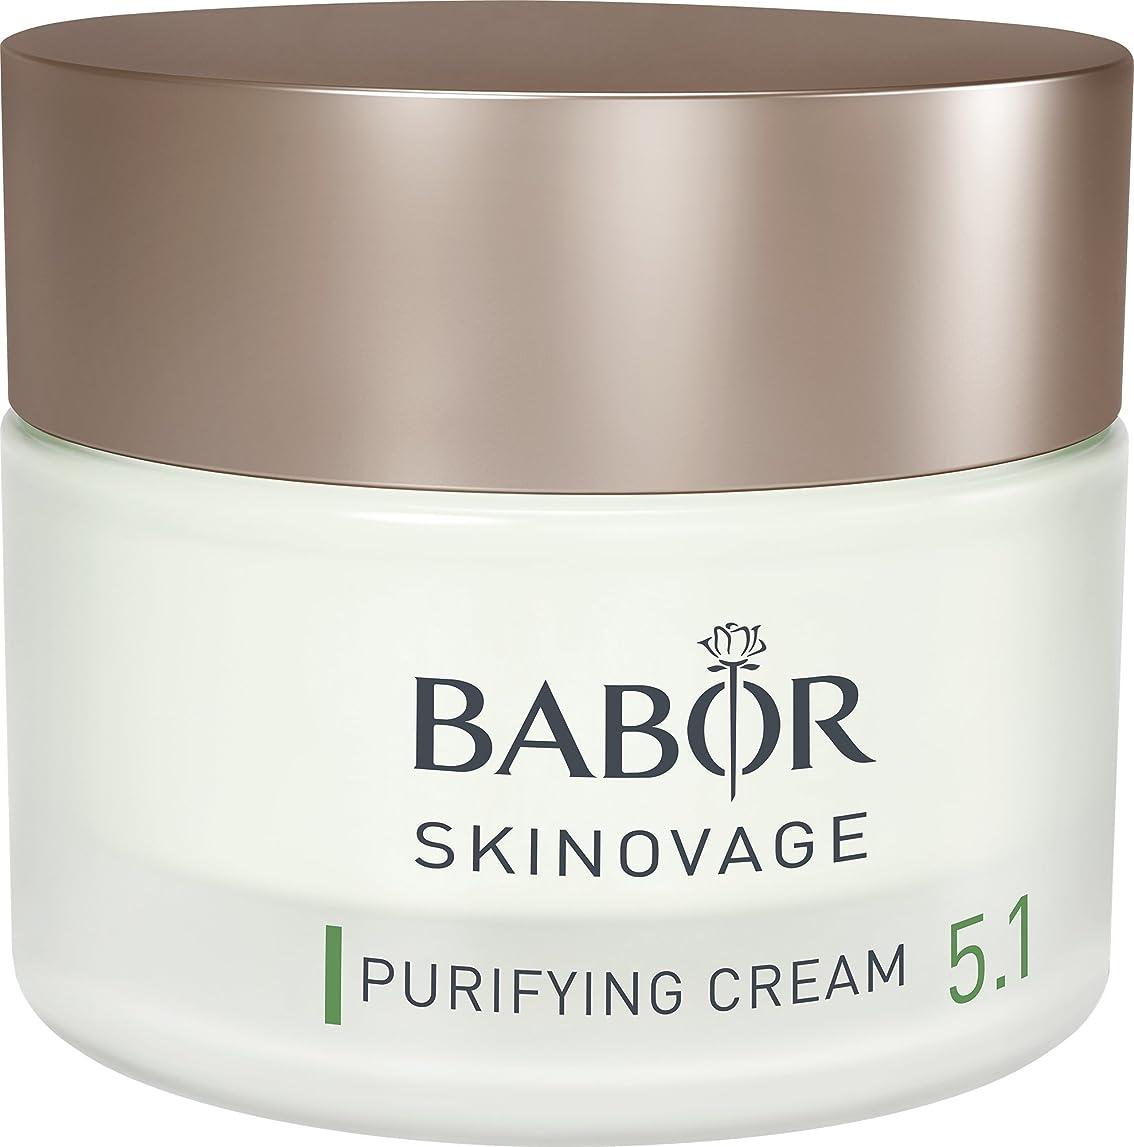 溝スクリュー雪だるまバボール Skinovage [Age Preventing] Purifying Cream 5.1 - For Problem & Oily Skin 50ml/1.7oz並行輸入品